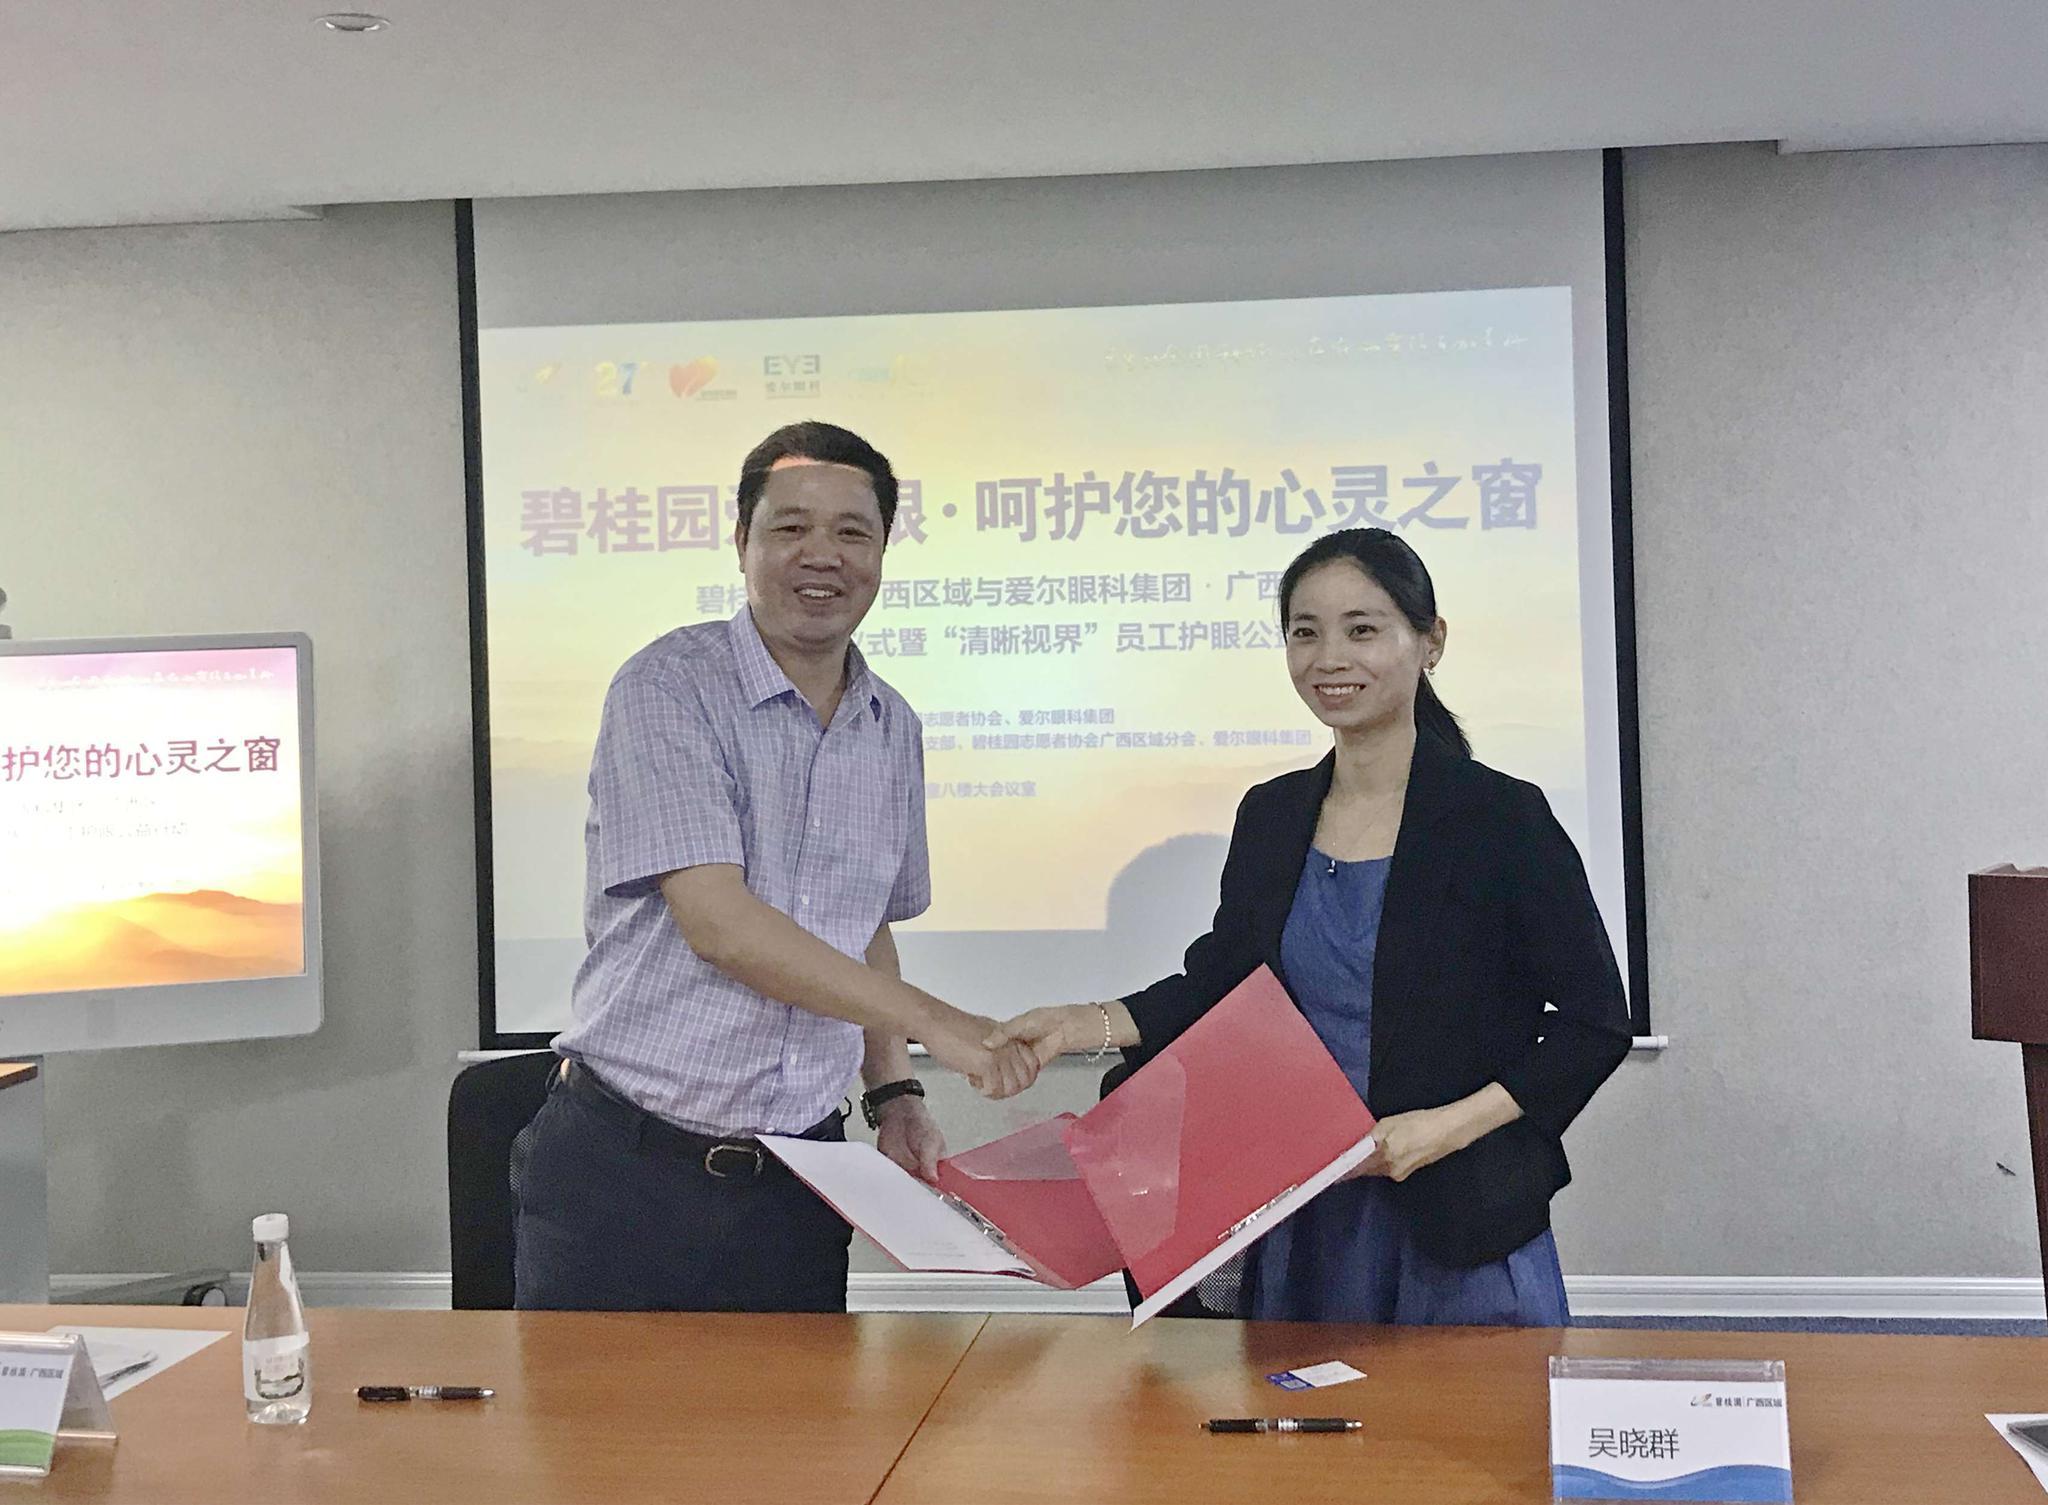 碧桂园·爱尔眼科眼健康公益项目在桂启动